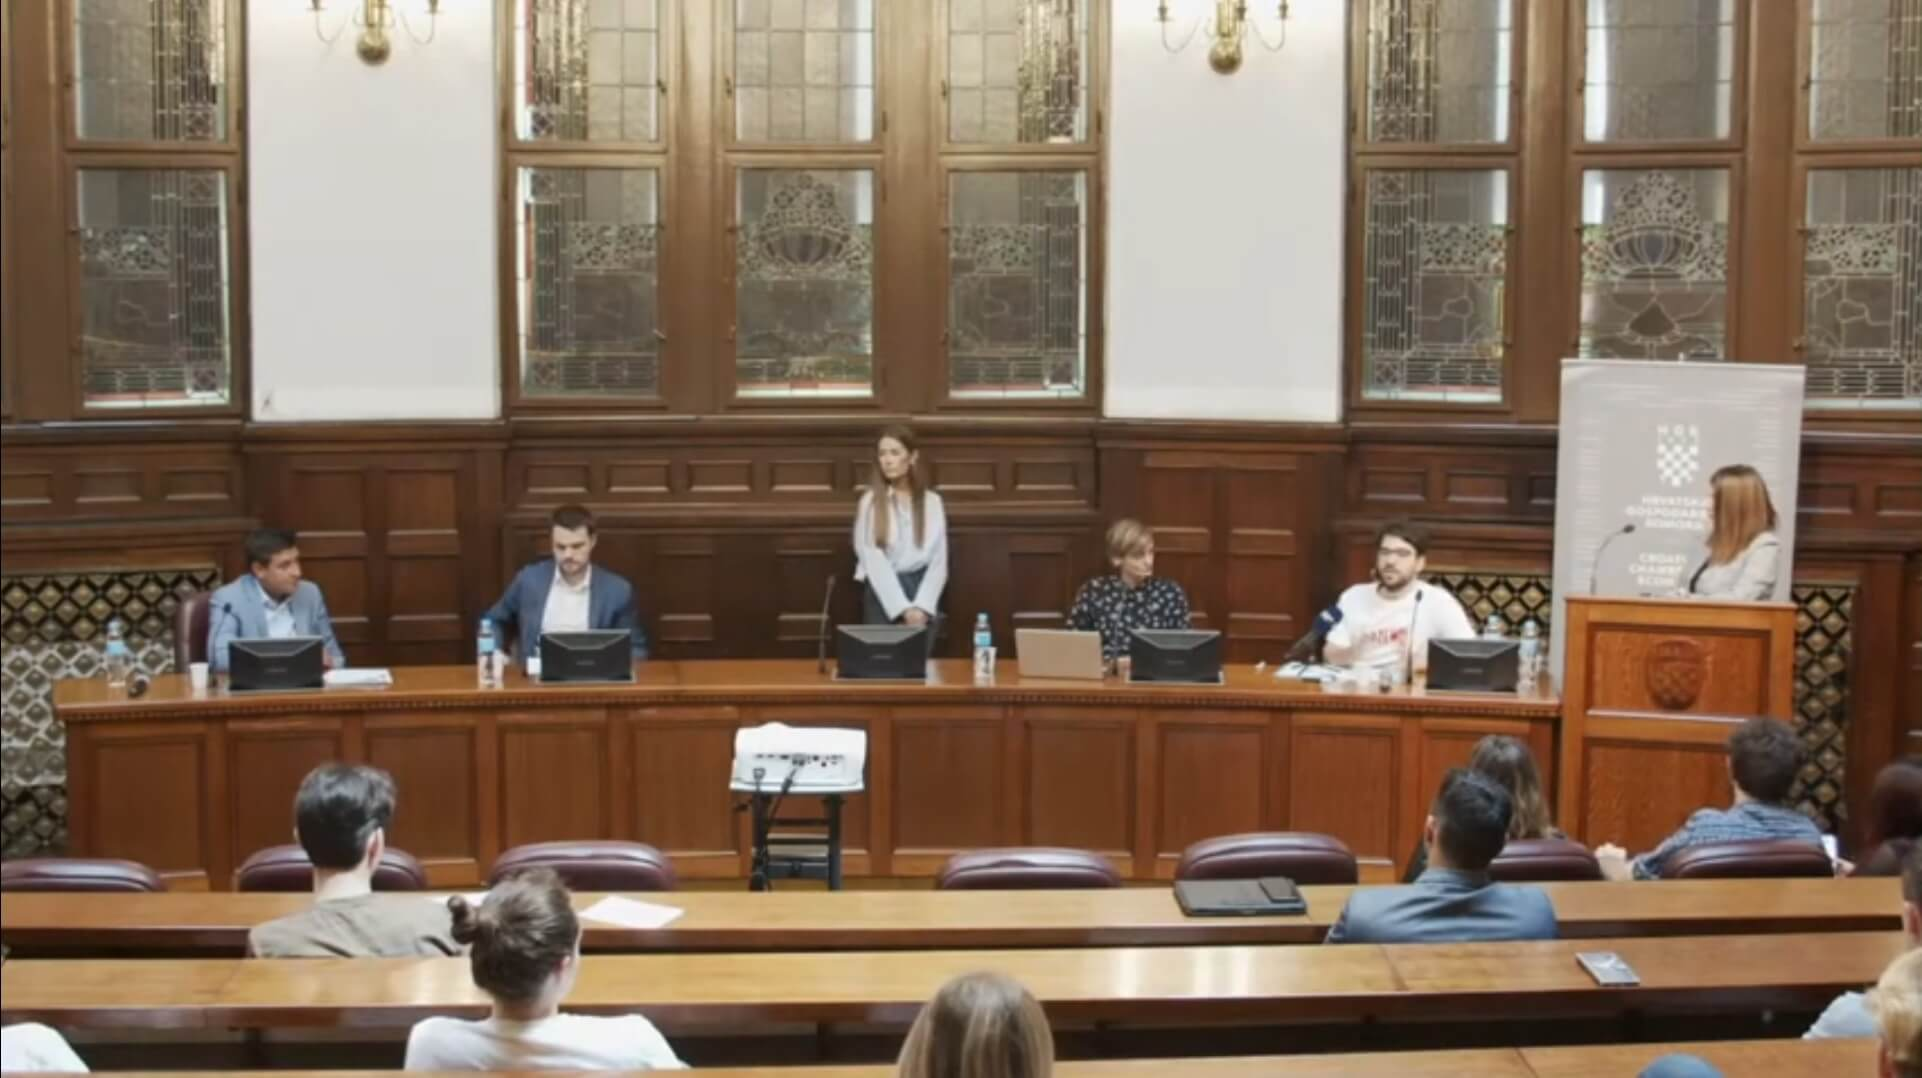 Mladeži političkih stranaka na predizbornom sučeljavanju: Mlade treba više uključiti u politiku